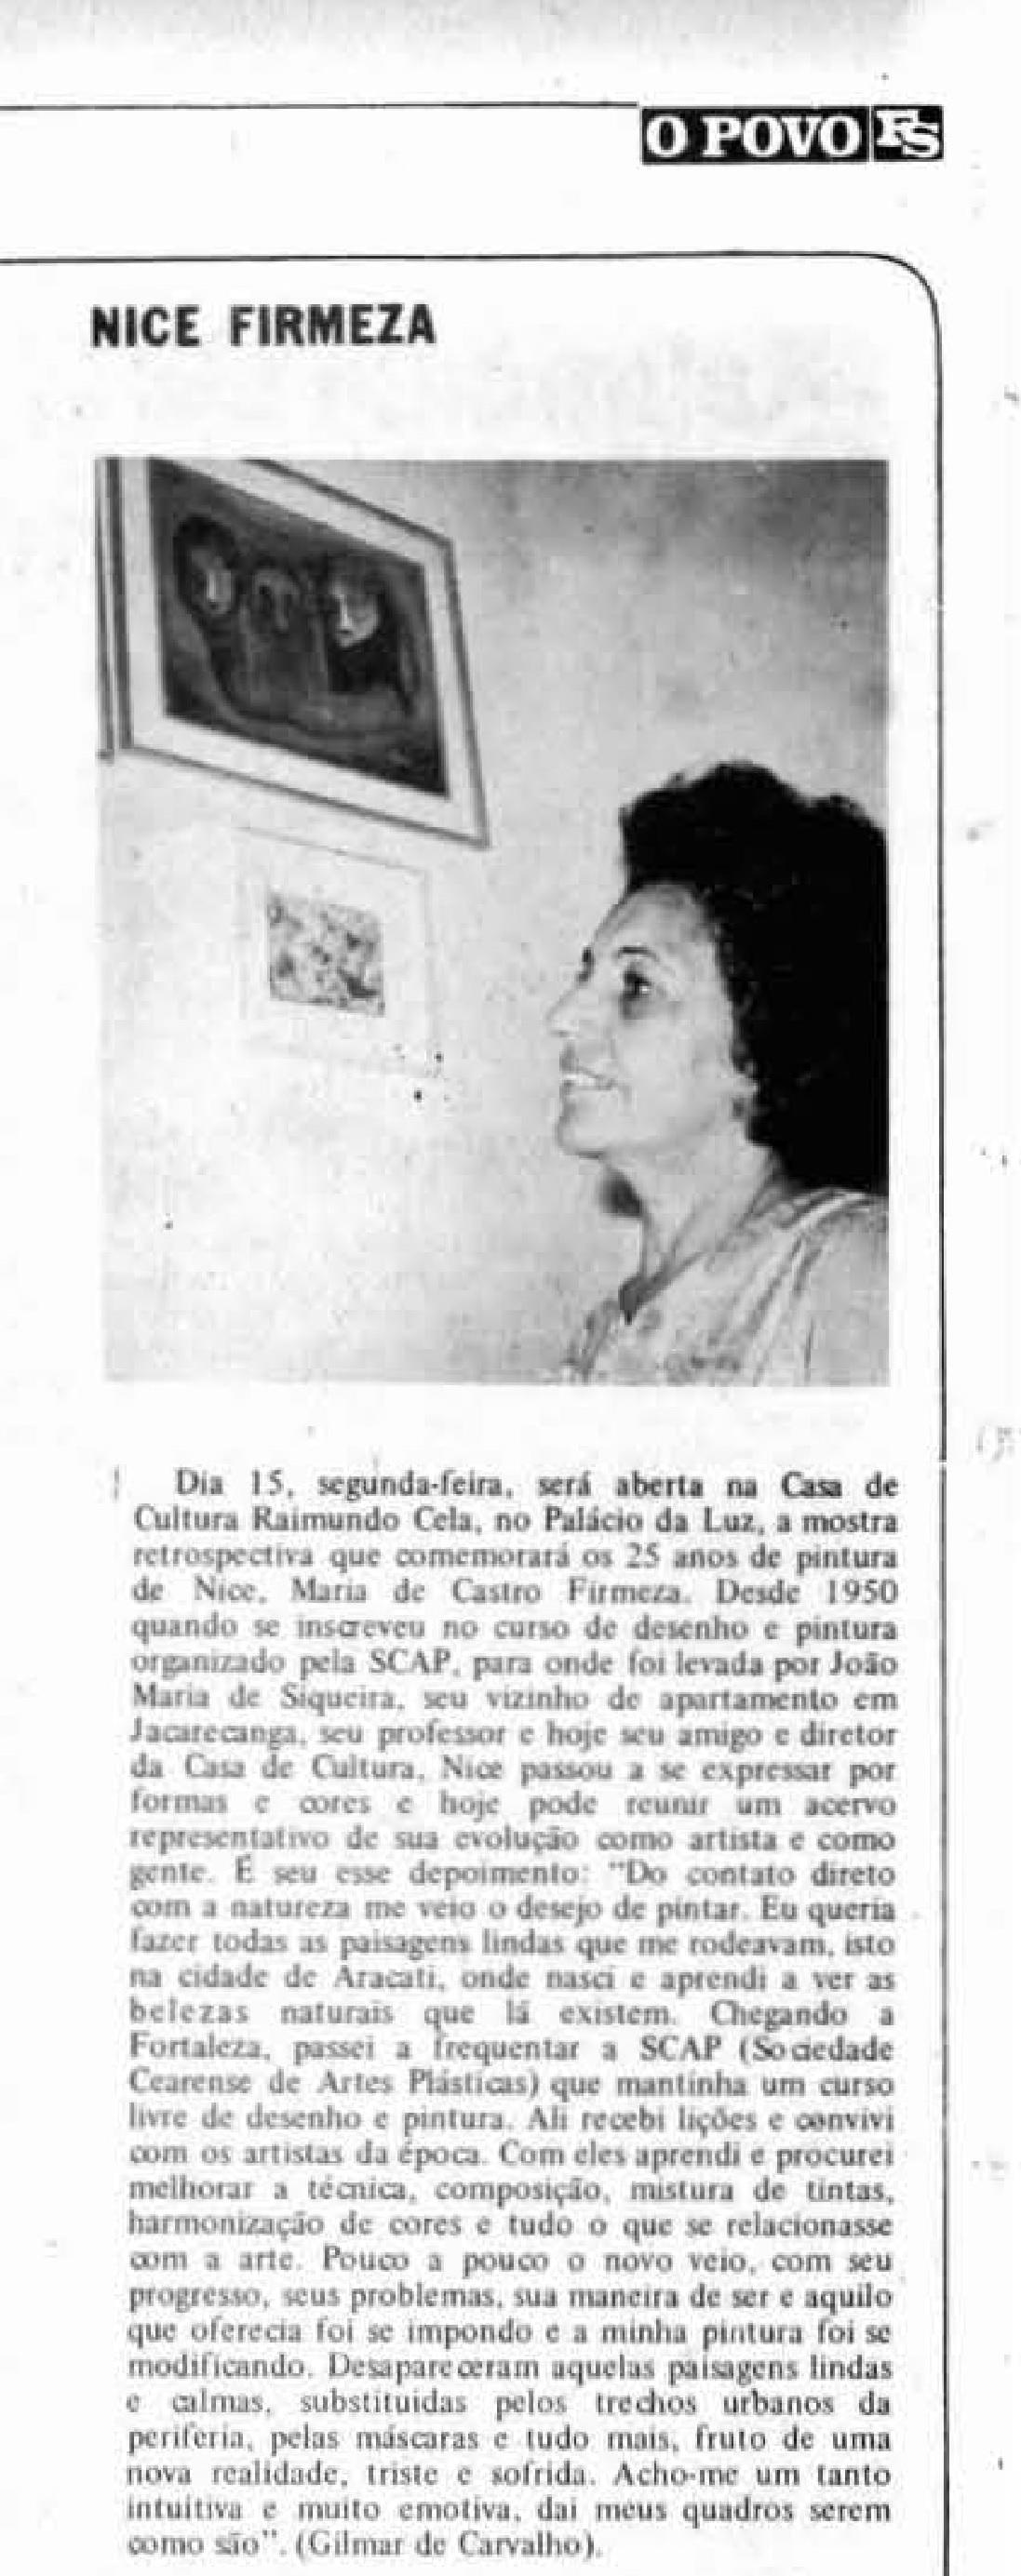 (Foto: DataDocOP / reprodução)Matéria escrita por Gilmar de Carvalho sobre Nice, publicada em 13/9/1975